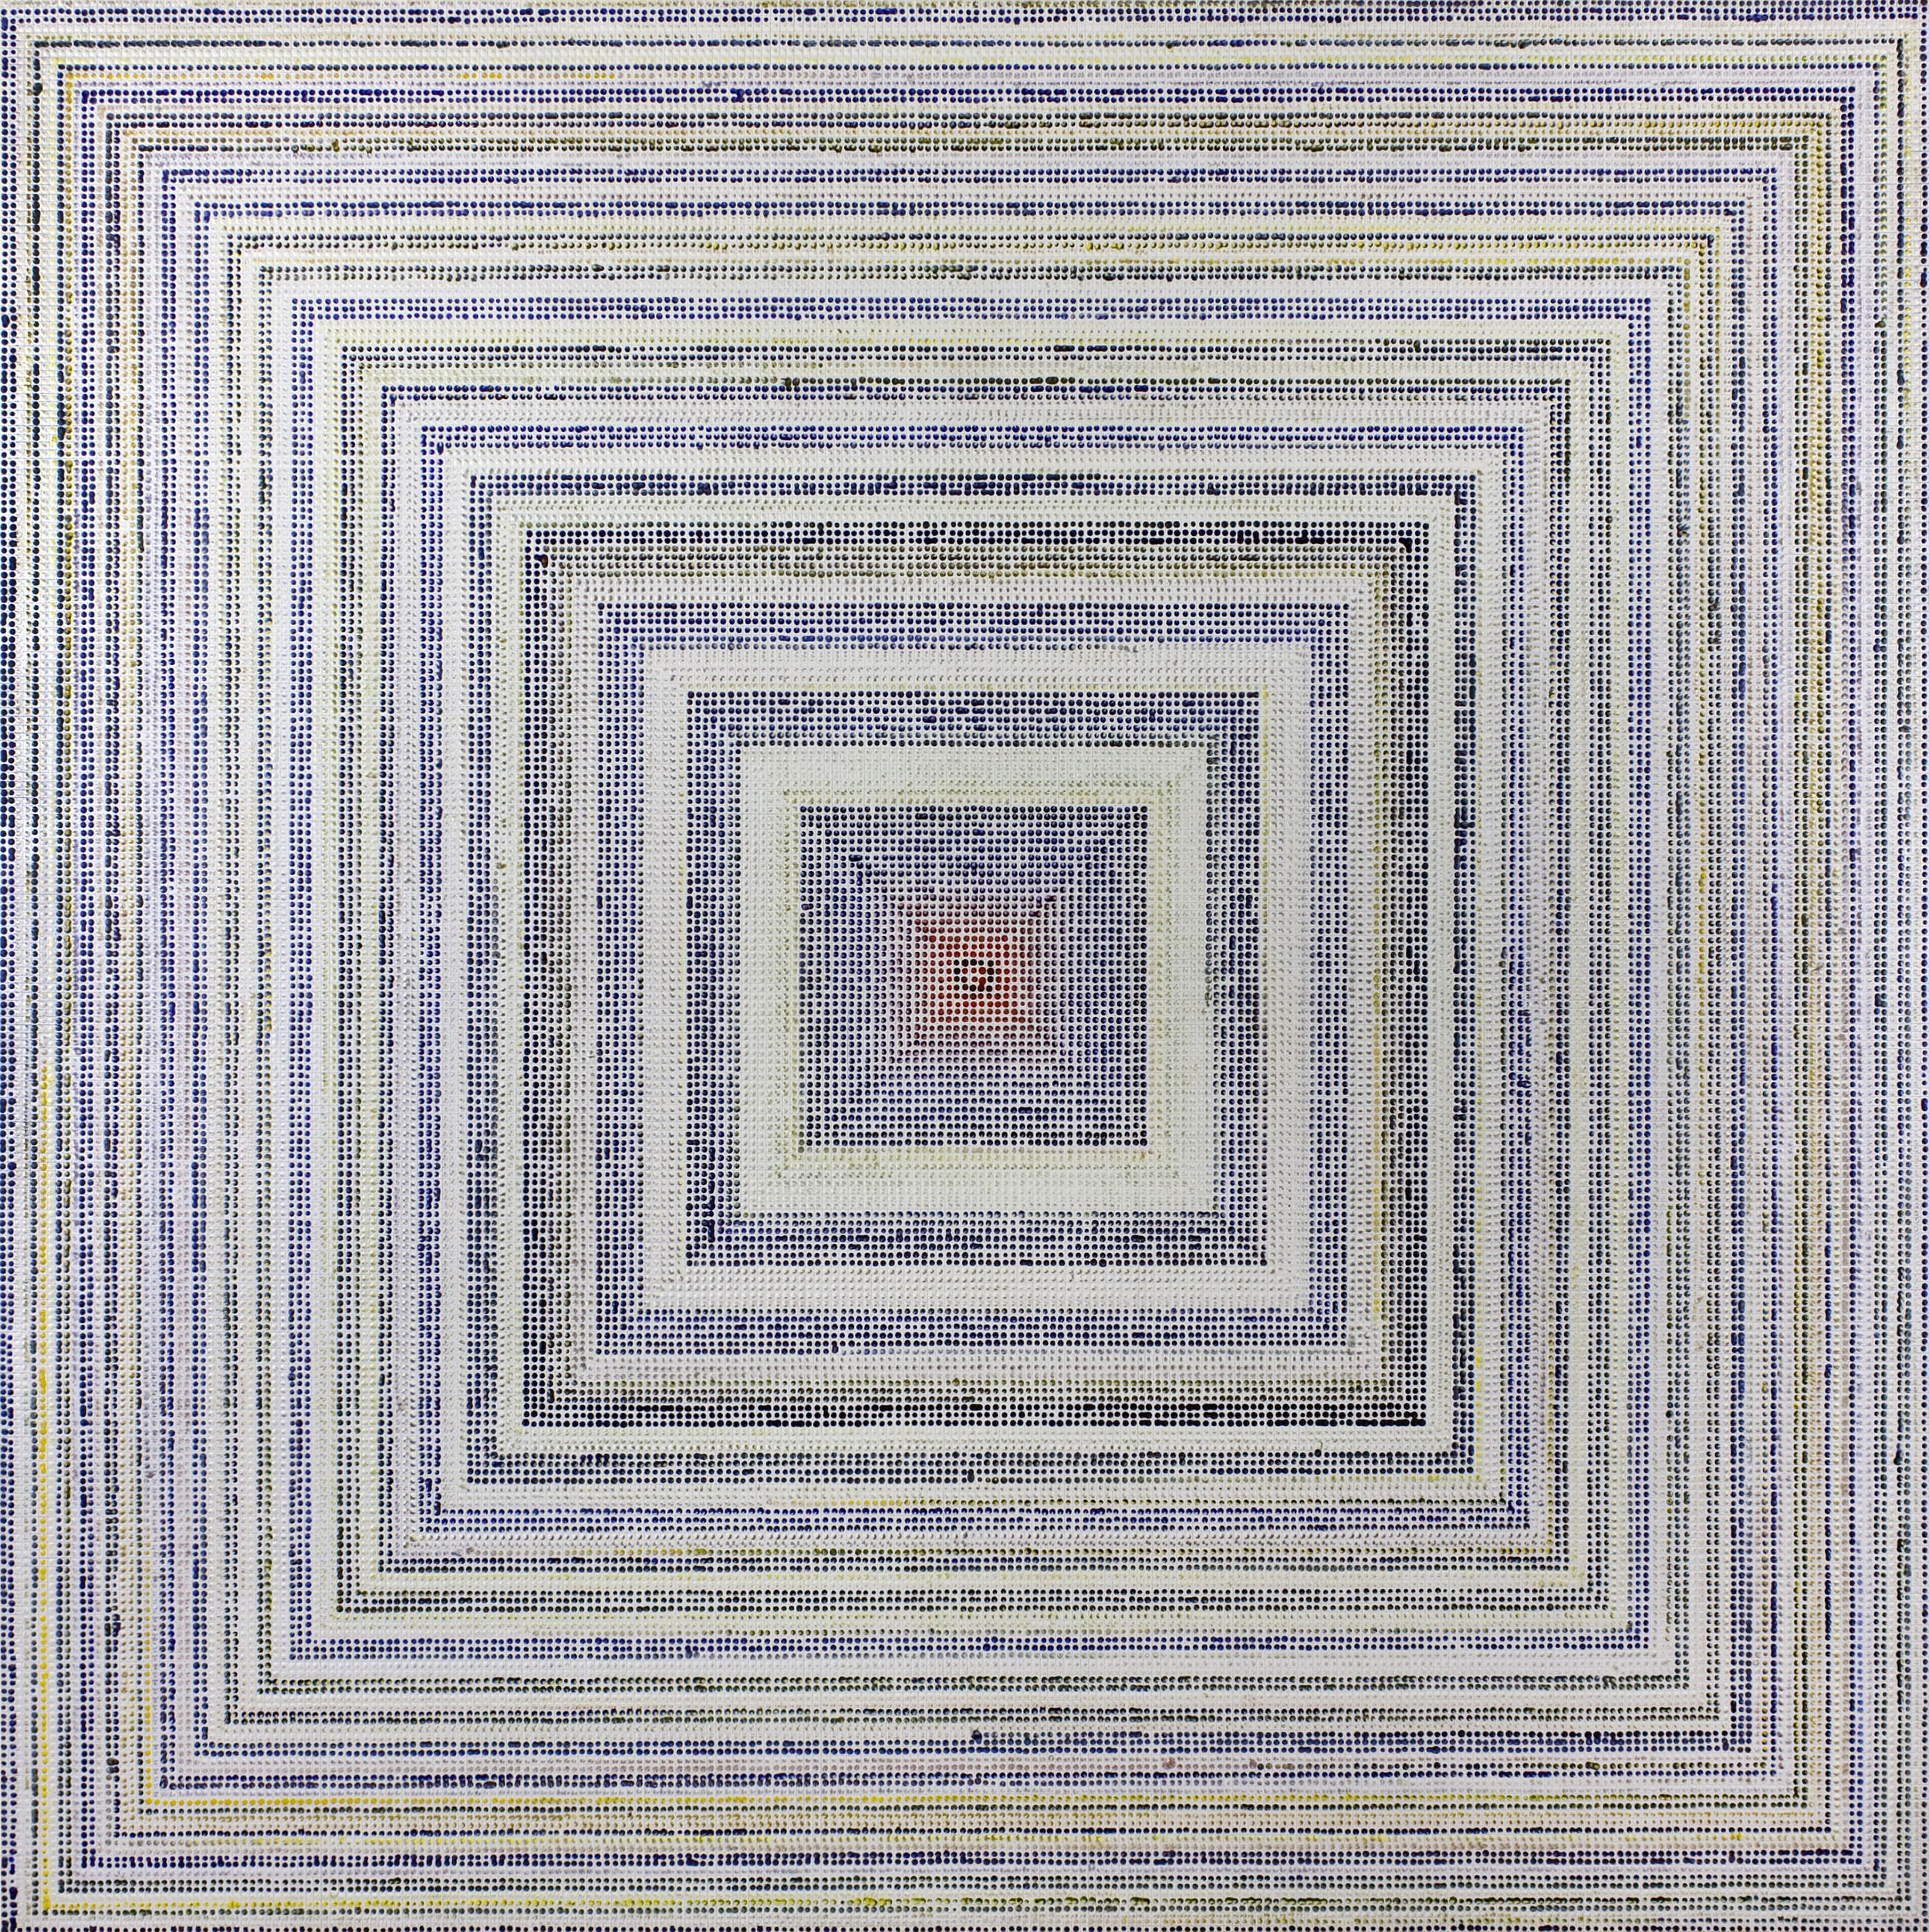 Untitled (RYUR), acrylic on canvas, 2013, 60 x 60in | 152 x 152cm